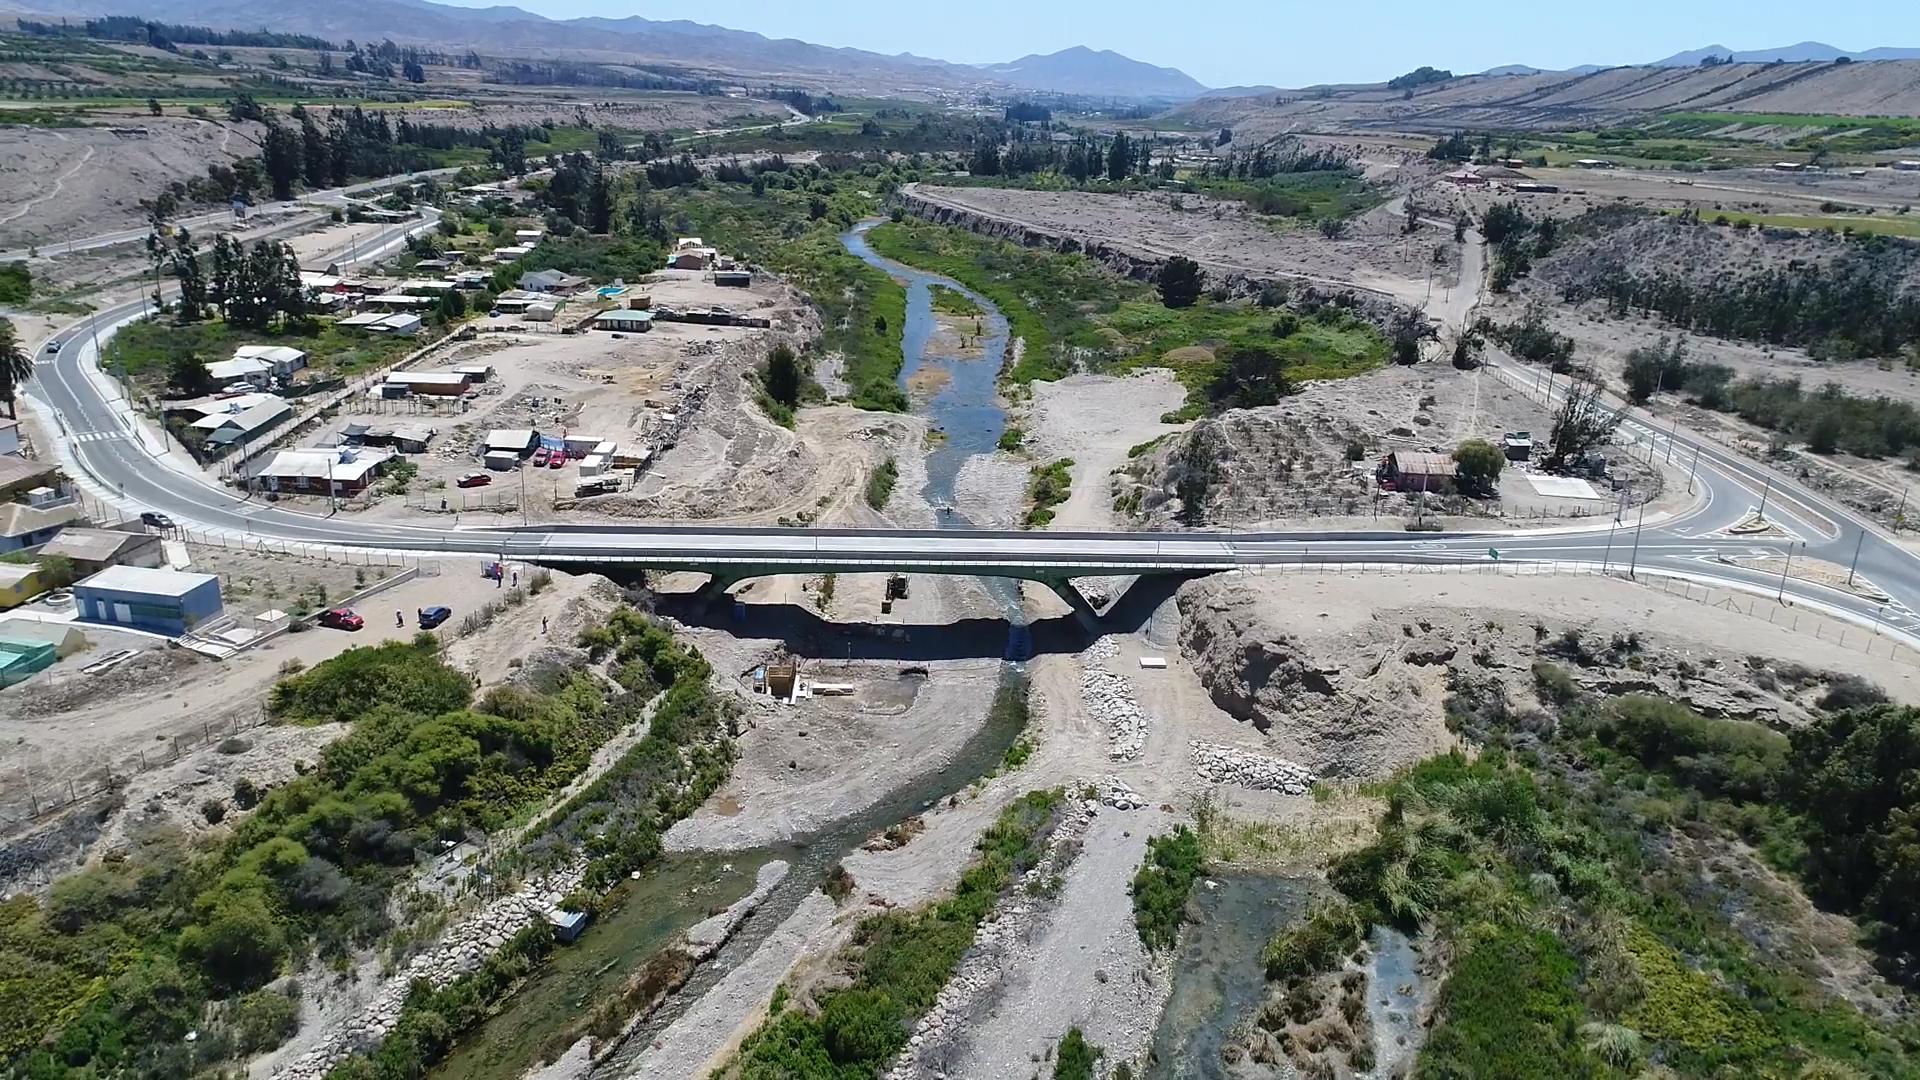 Ministerio de Obras Públicas aclara dichos respecto a Puente Nicolasa